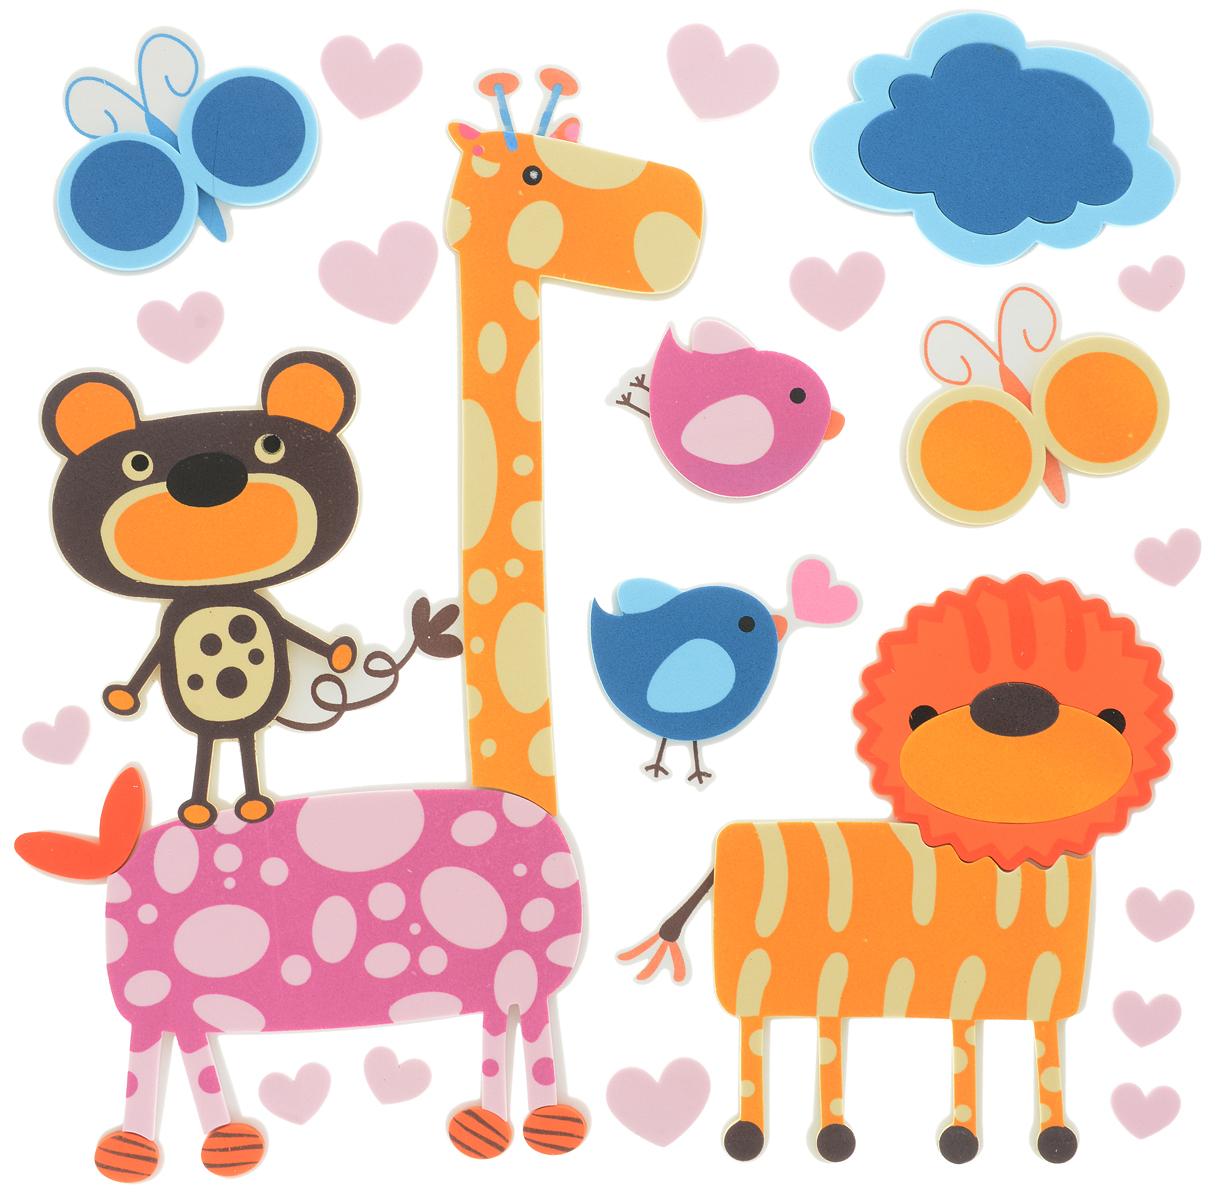 Room Decor Наклейка интерьерная Детские картинки Жираф Лев Медведь 14 шт1123361_жираф, лев, медведьRoom Decor Детские картинки - это набор объемных интерьерных наклеек на все случаи жизни!Украшение мебели, сокрытие царапины на стене или даже декор для скрапбукинга - наклейка станет идеальным вариантом. Не стоит искать дорогостоящие наборы для творчества, инструменты, чтобы убрать скол или шероховатость с поверхности любимого шкафа или стола, когда под рукой имеется подобное изделие. Ведь всего пара движений, и ваша задумка уже перед вами!Не ограничивайте свою фантазию!Применение подобных наклеек не вызовет сложностей: быстро крепятся и убираются, при этом не оставляют следов. Привнесите оригинальные нотки в ваш интерьер, придайте яркую индивидуальность каждой частичке вашего окружения!